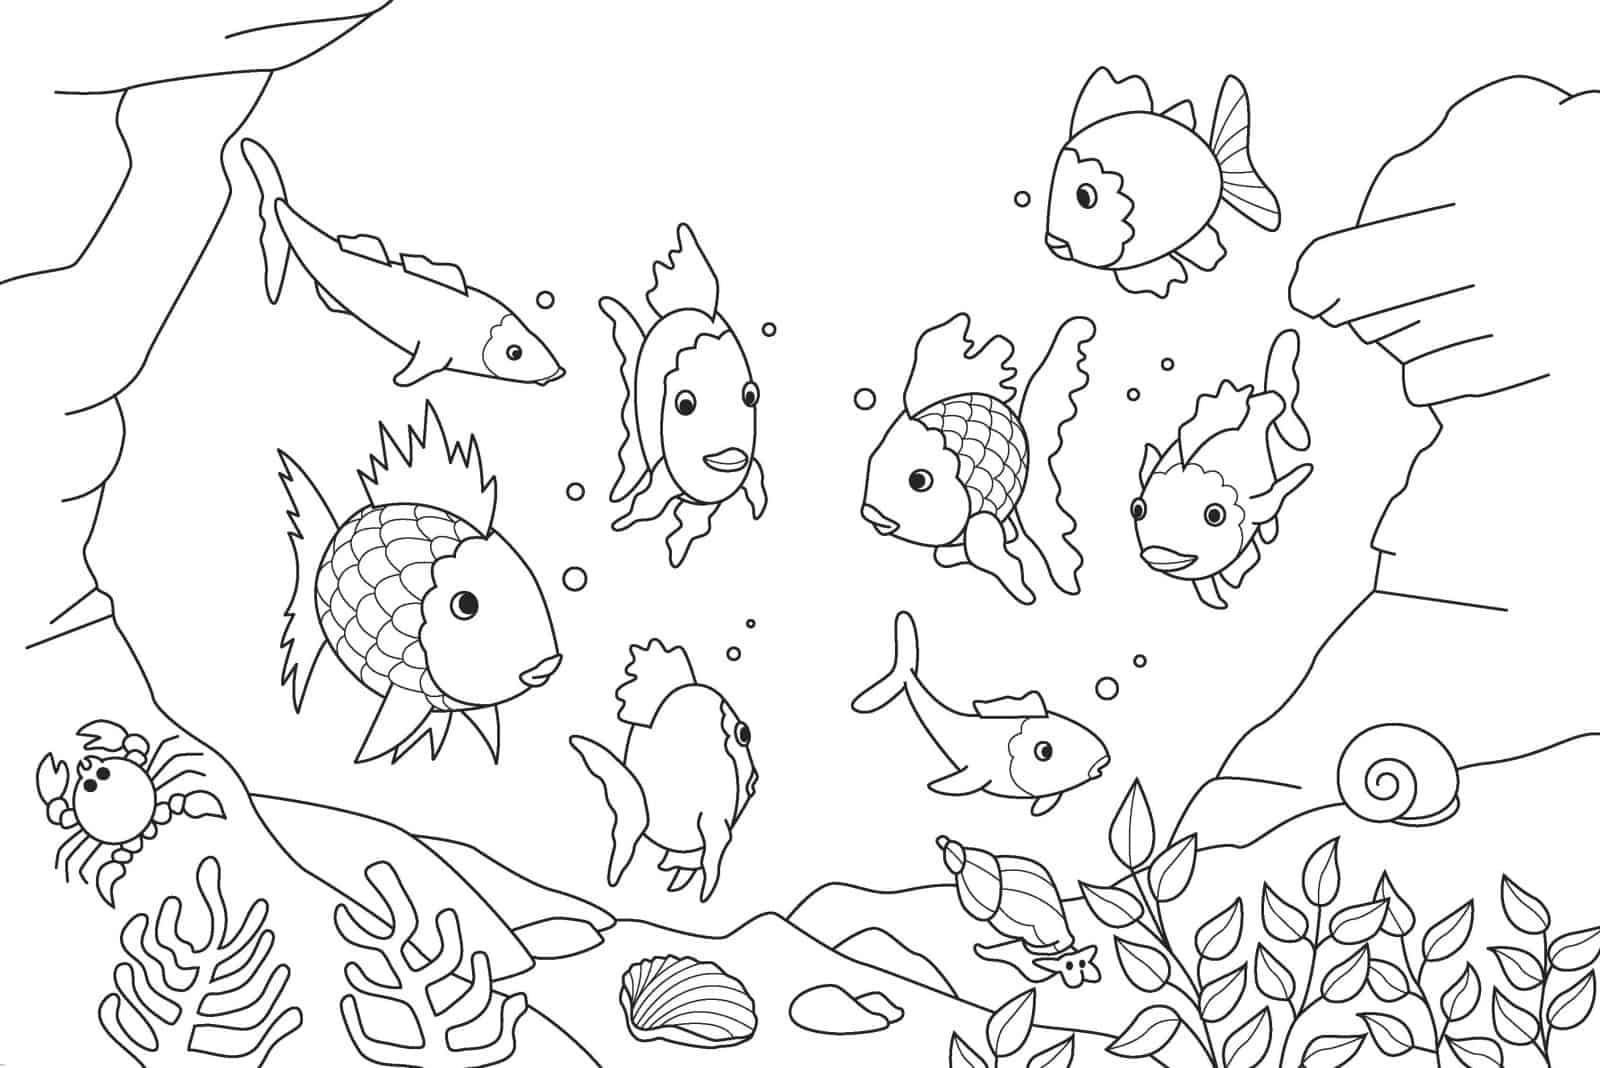 Peixinhos para colorir - 25 desenhos lindos